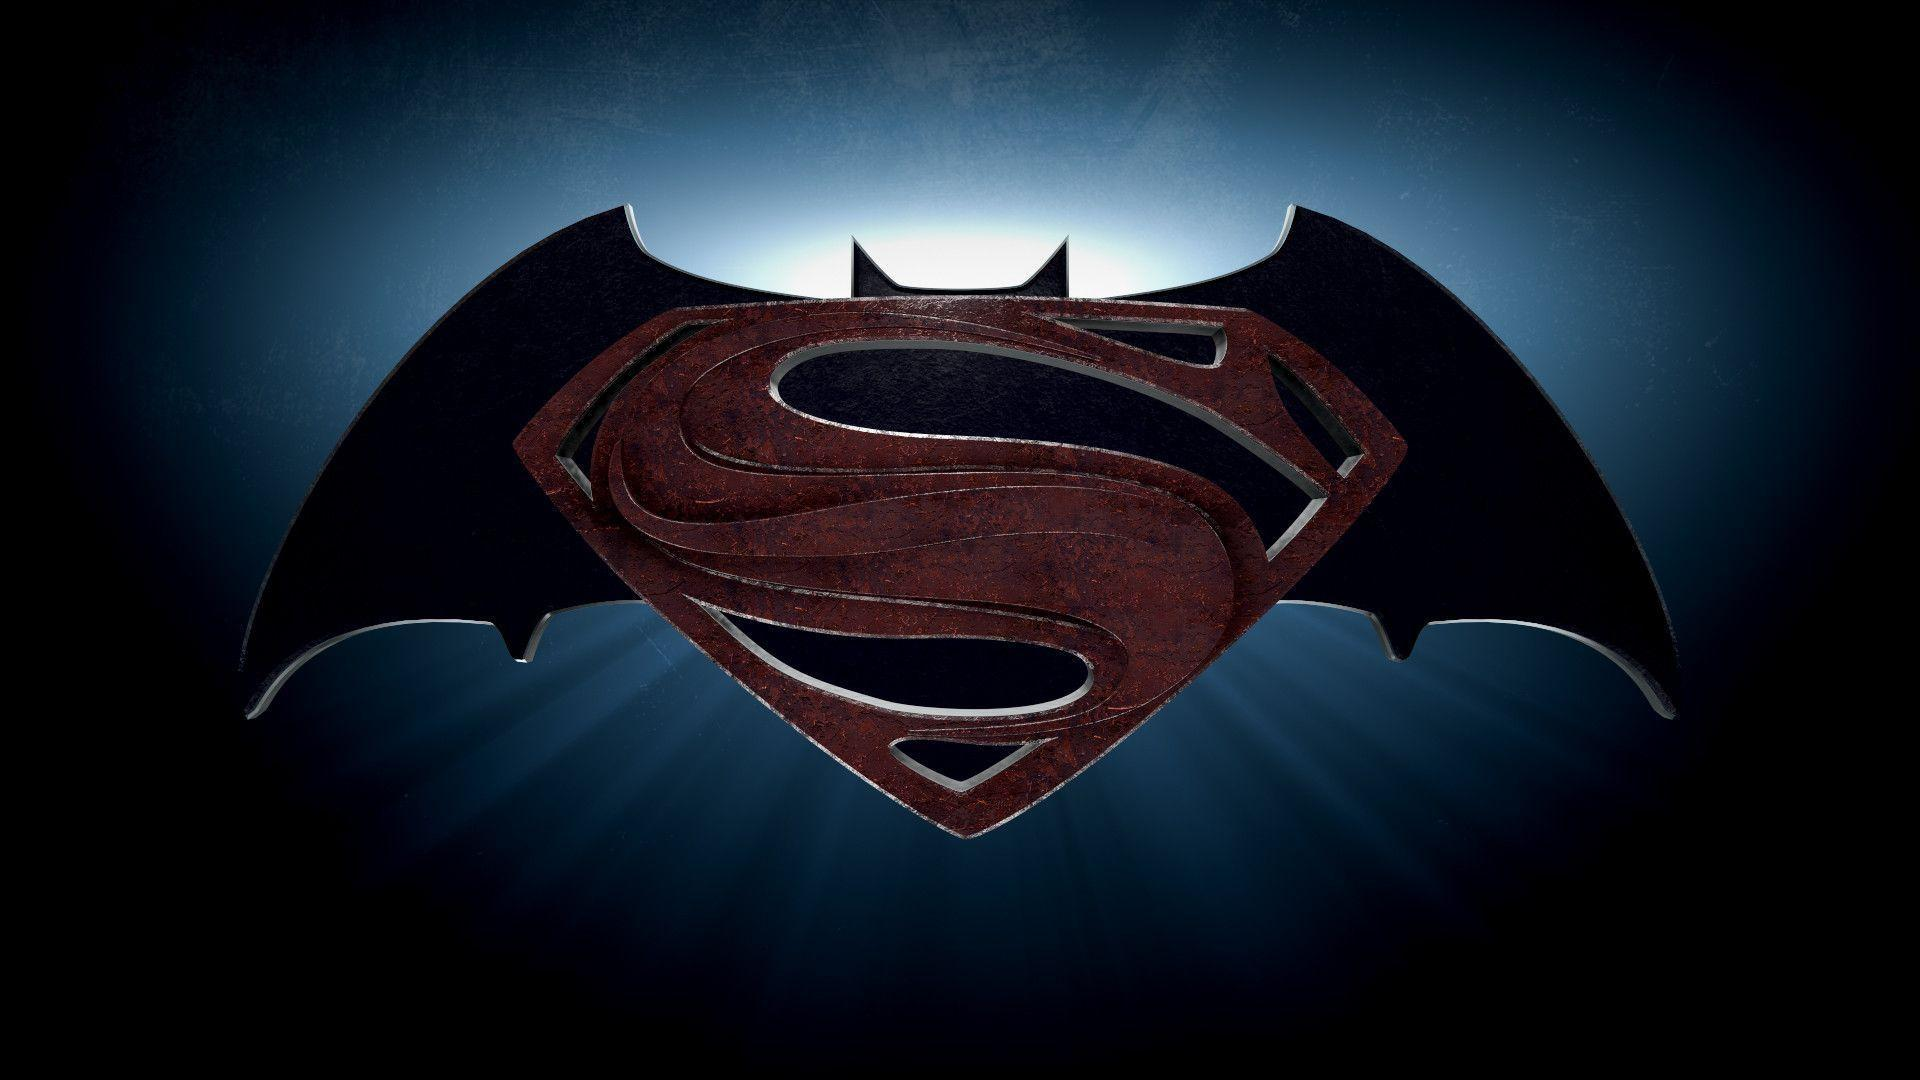 Batman vs Superman Symbol Wallpaper (59+ images) |Batman Superman Logo Wallpaper